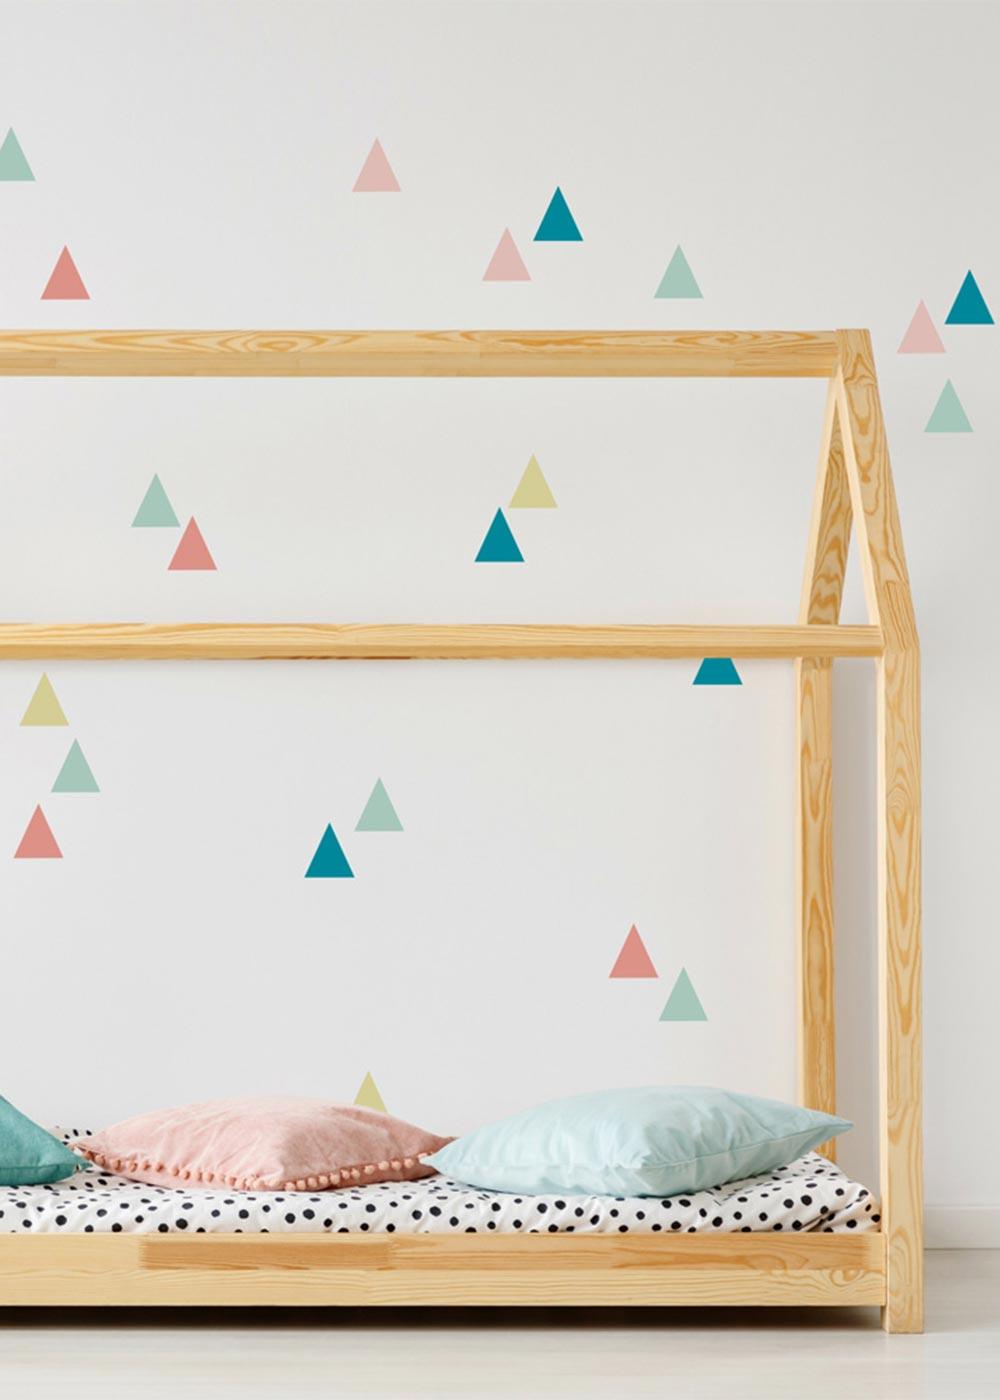 Stickerset Wand Dreiecke Pastell Ausschnitt